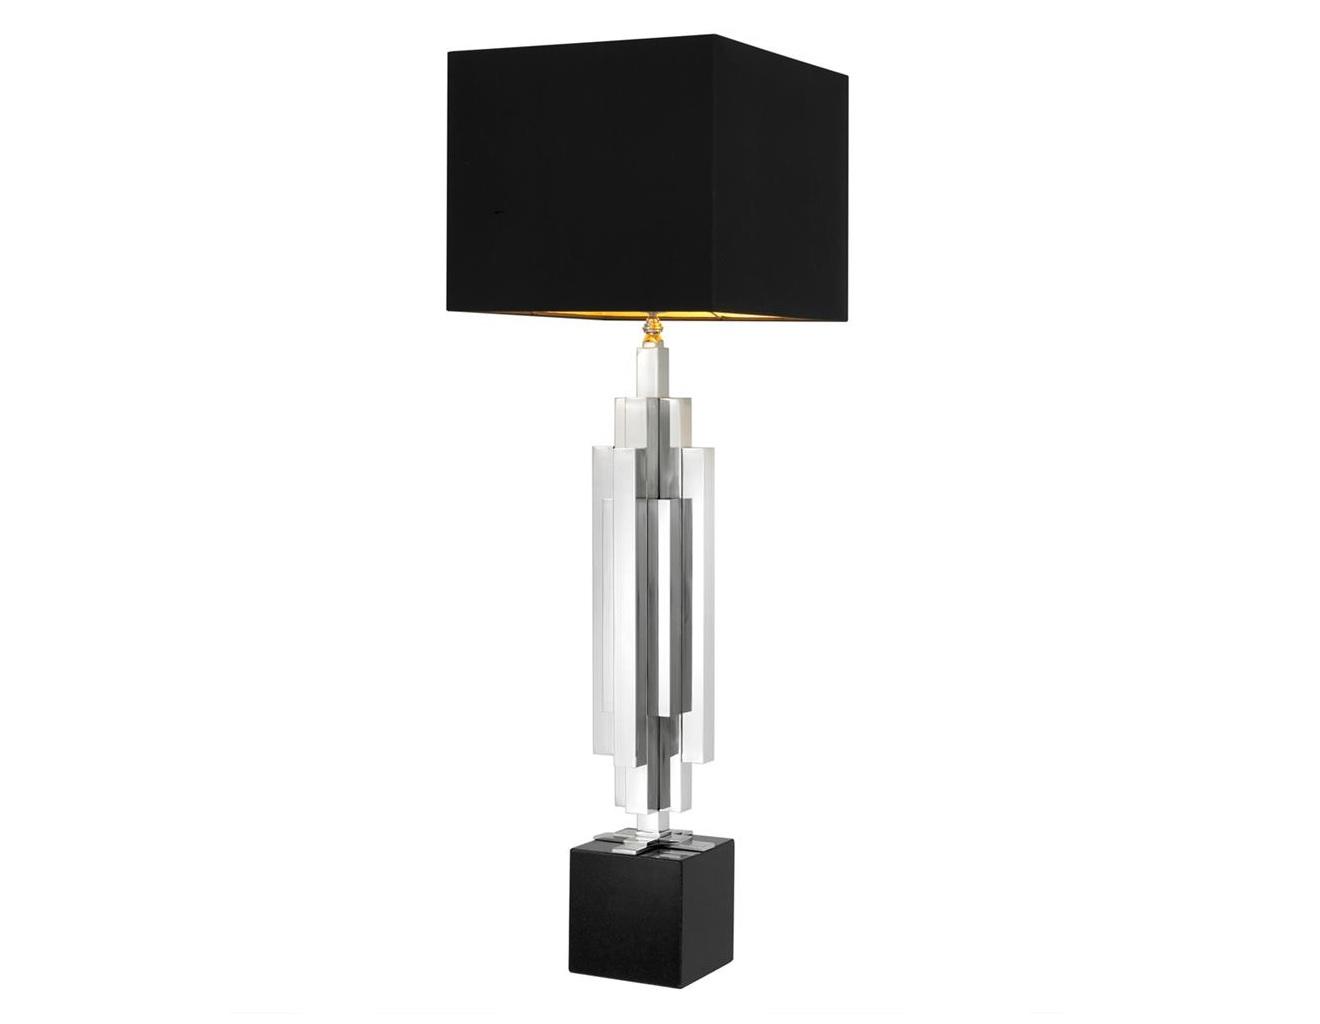 Настольная лампа Table Lamp EllisДекоративные лампы<br>&amp;lt;div&amp;gt;Вид цоколя: E27&amp;lt;br&amp;gt;&amp;lt;/div&amp;gt;&amp;lt;div&amp;gt;&amp;lt;div&amp;gt;Мощность: 40W&amp;lt;/div&amp;gt;&amp;lt;div&amp;gt;Количество ламп: 1 (нет в комплекте)&amp;lt;/div&amp;gt;&amp;lt;/div&amp;gt;<br><br>Material: Металл<br>Width см: 35<br>Depth см: 35<br>Height см: 110